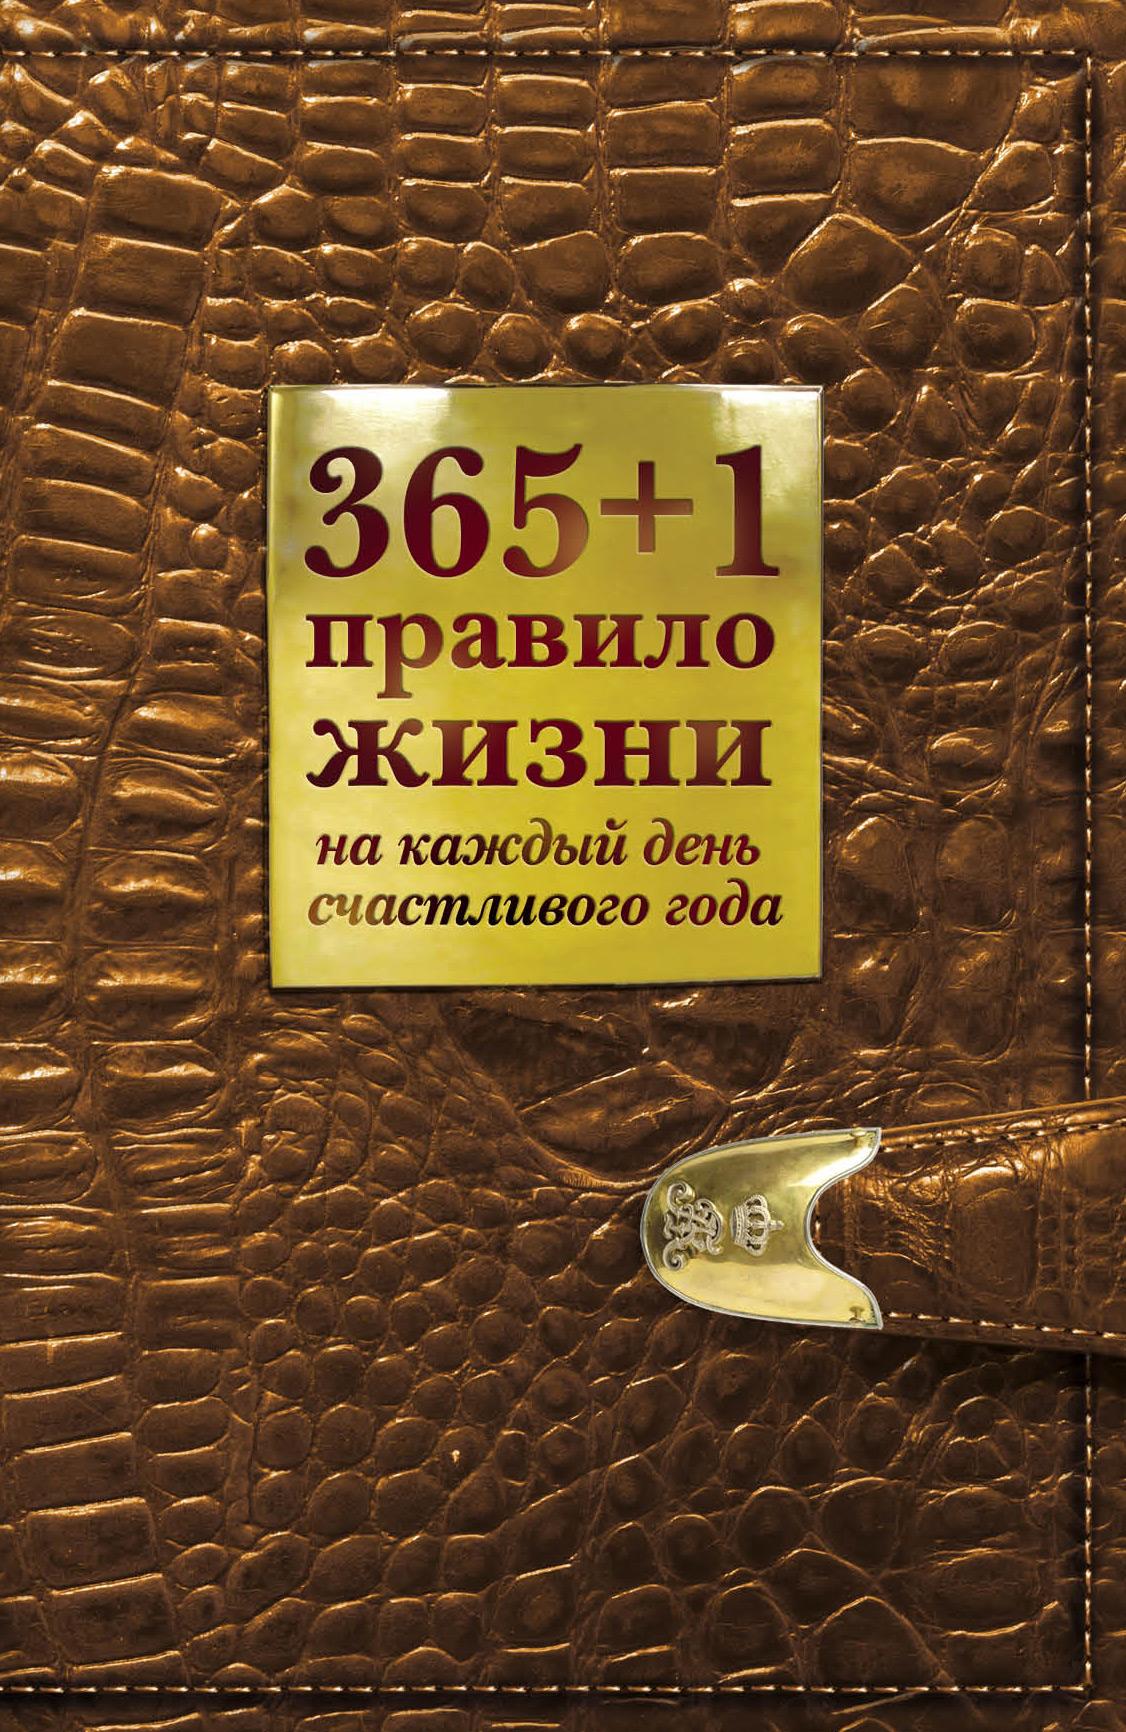 купить Диана Балыко 365+1 правило жизни на каждый день счастливого года по цене 199 рублей